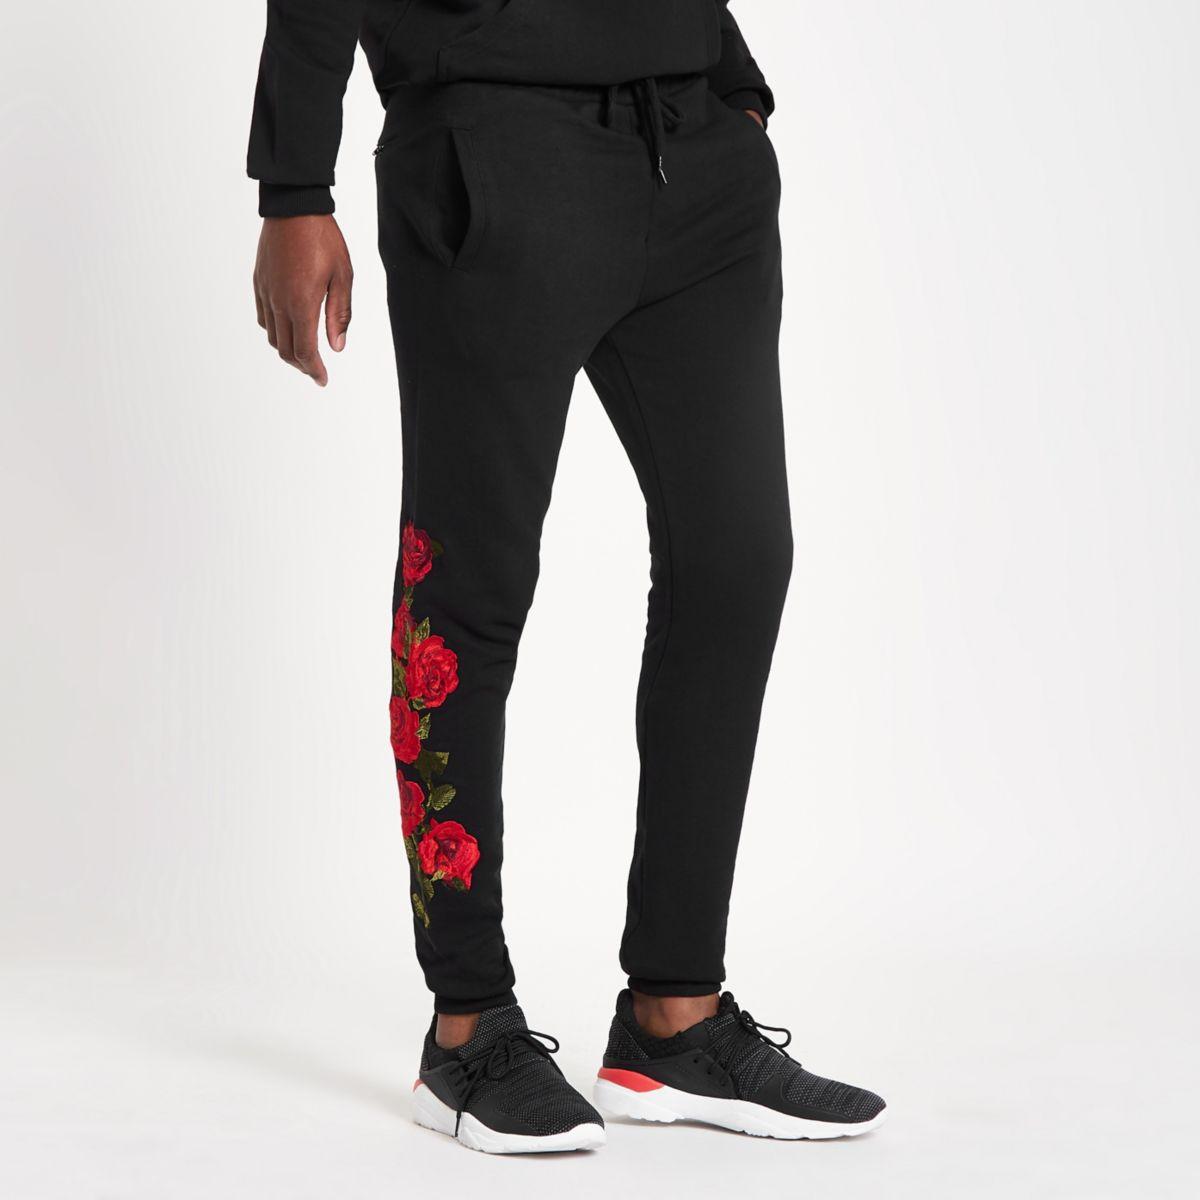 Criminal Damage – Pantalon de jogging noir avec roses brodées